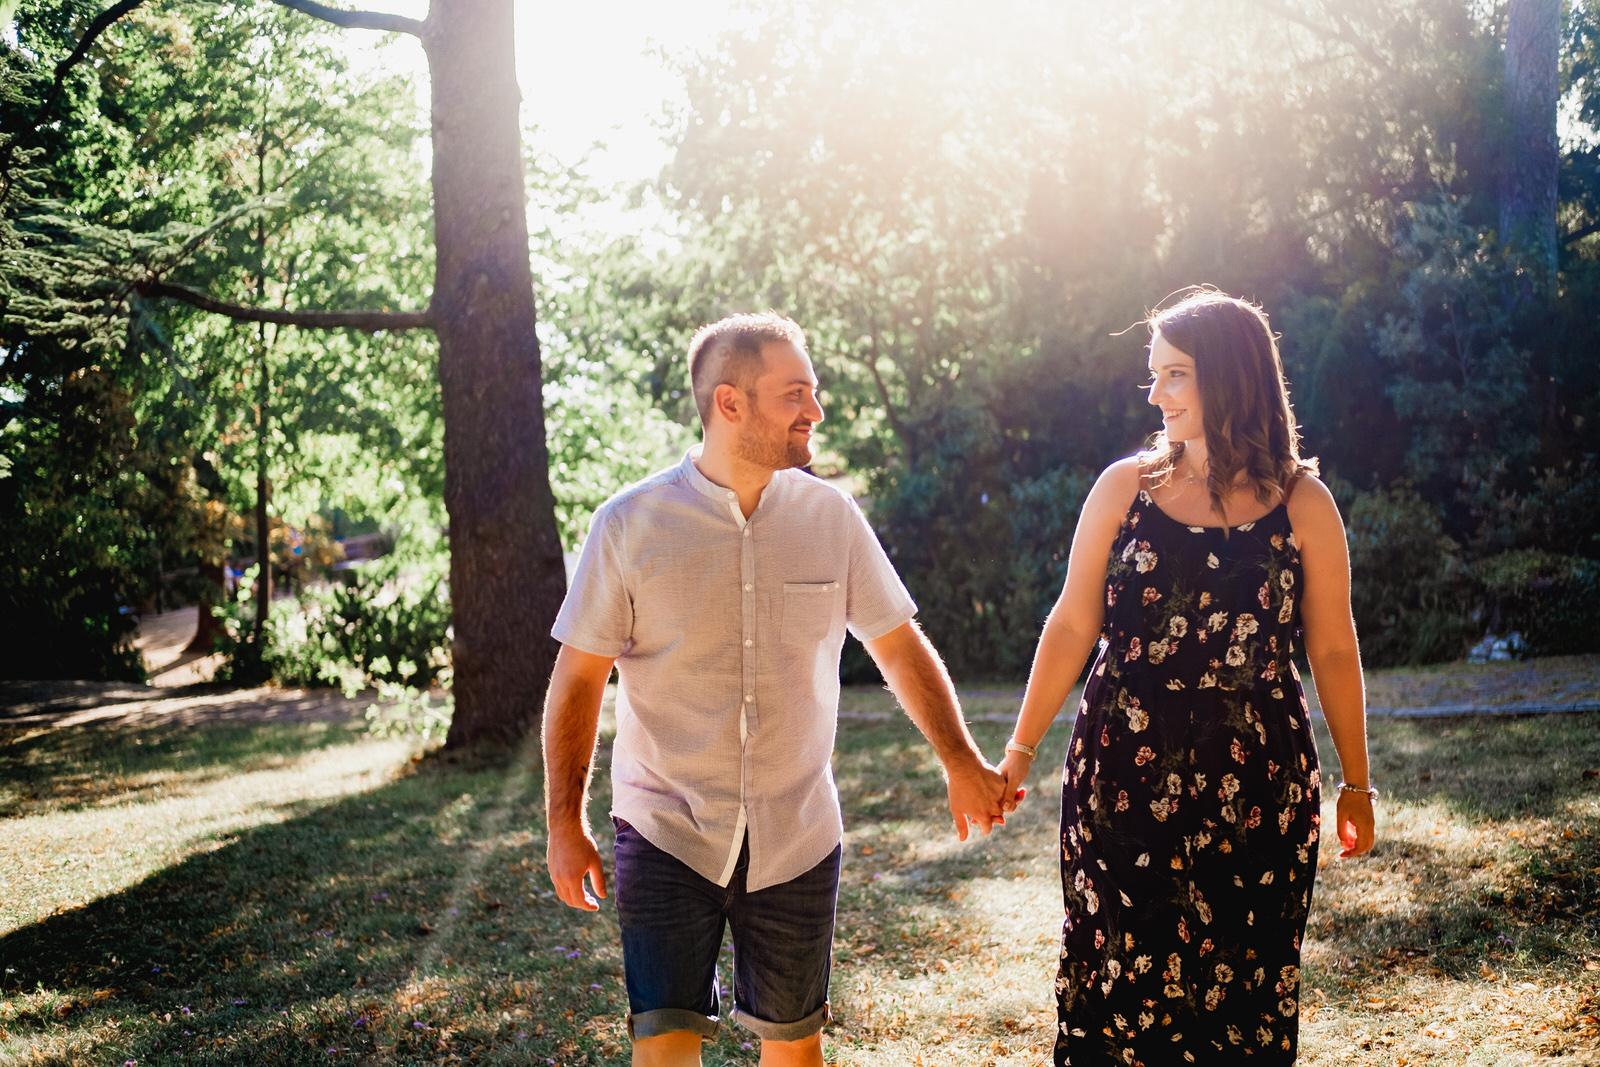 foto coppia in parco